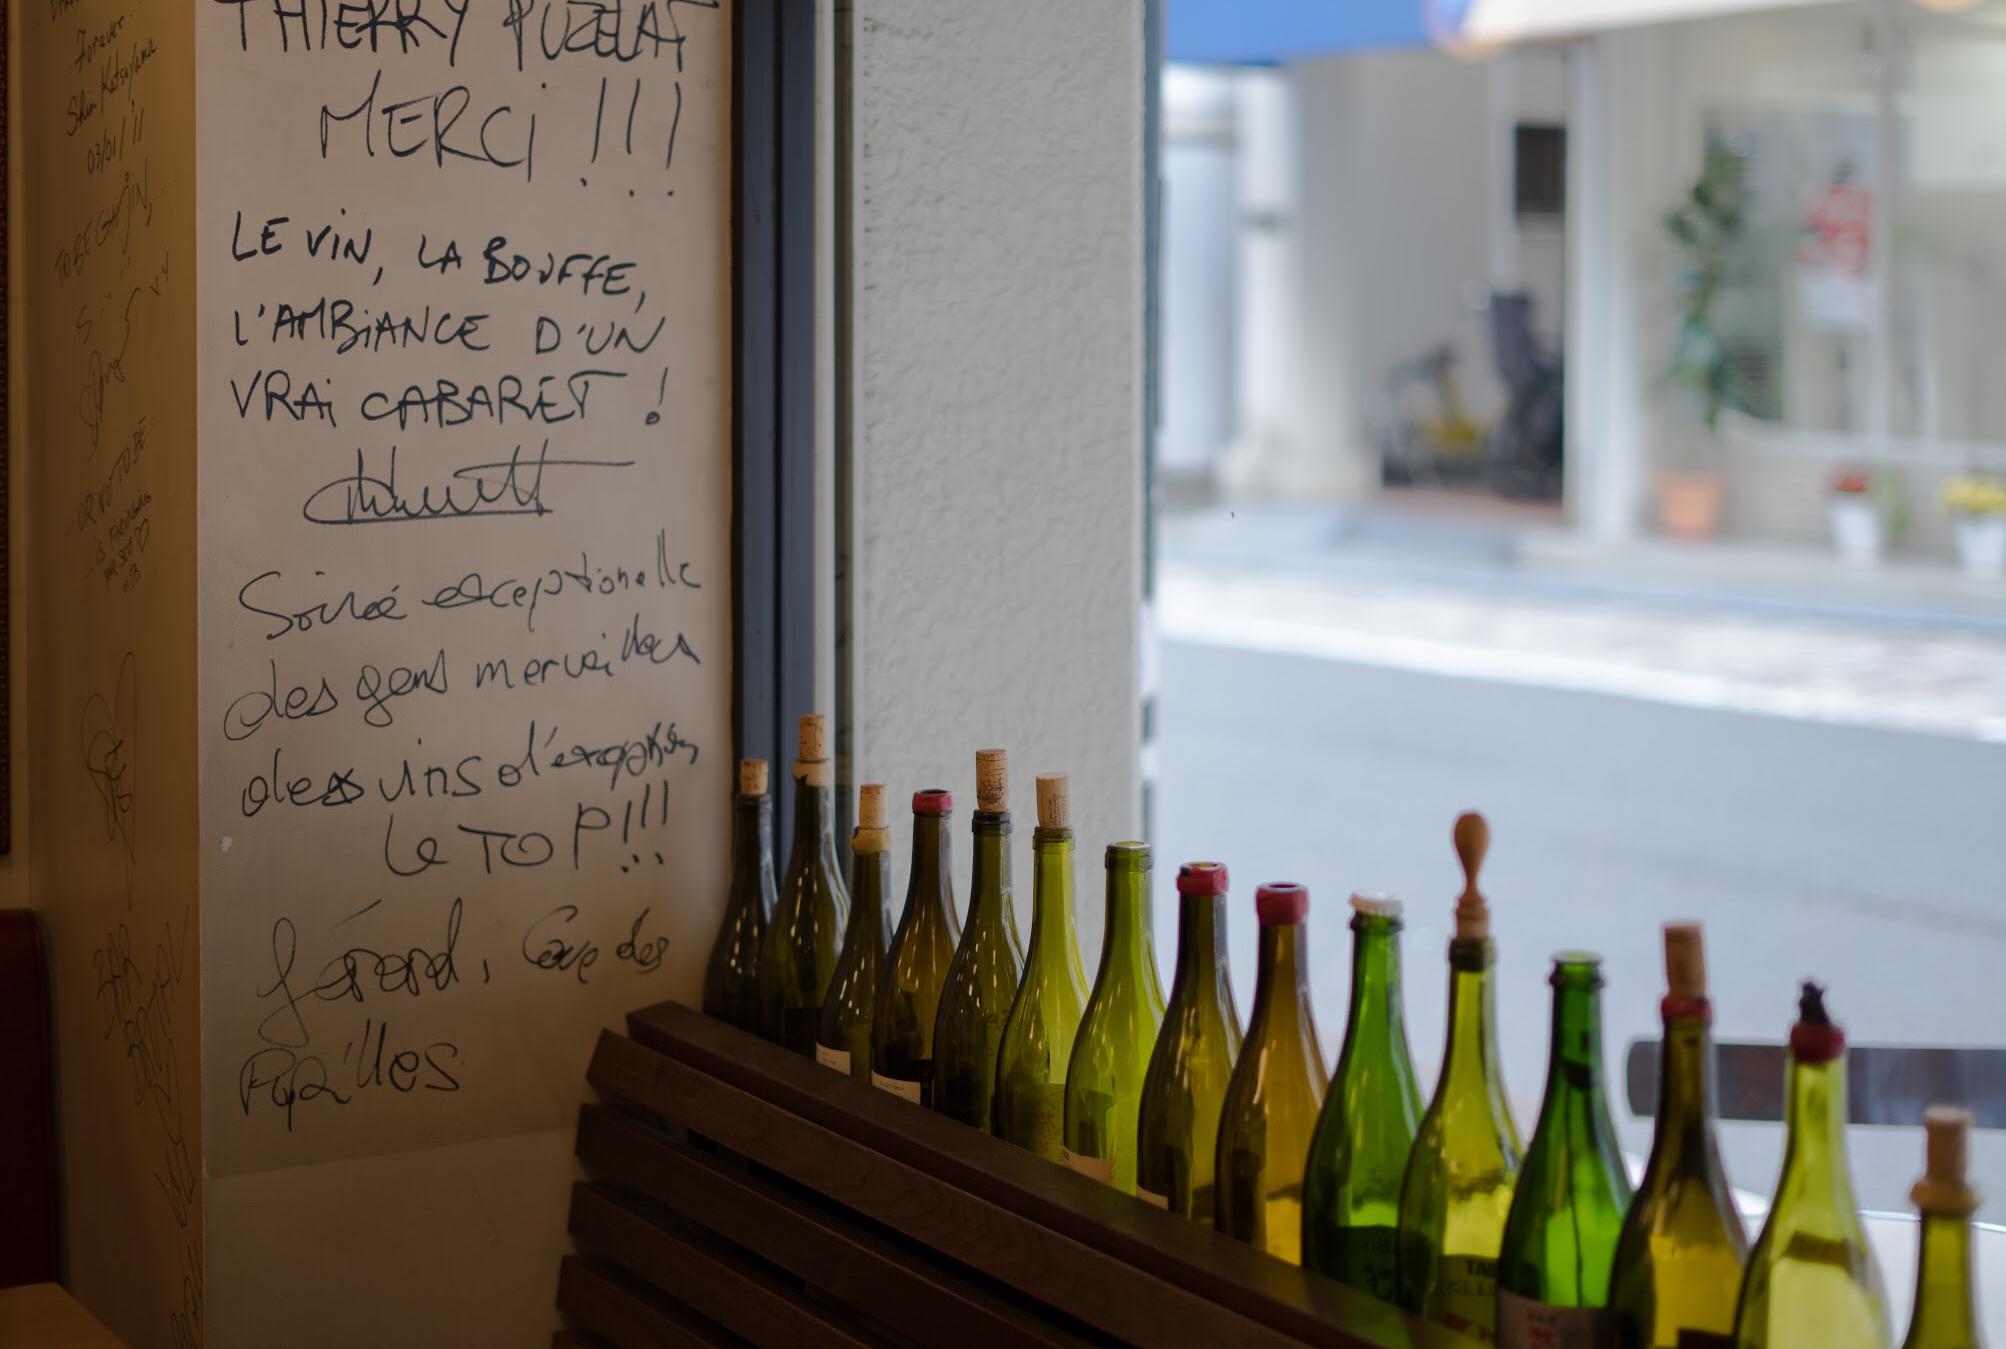 """""""代々木上原、自然派ワイン、ビオワイン、ナチュール、ヴァンナチュール、自然派、ワイン、はしご酒、オーガニック"""